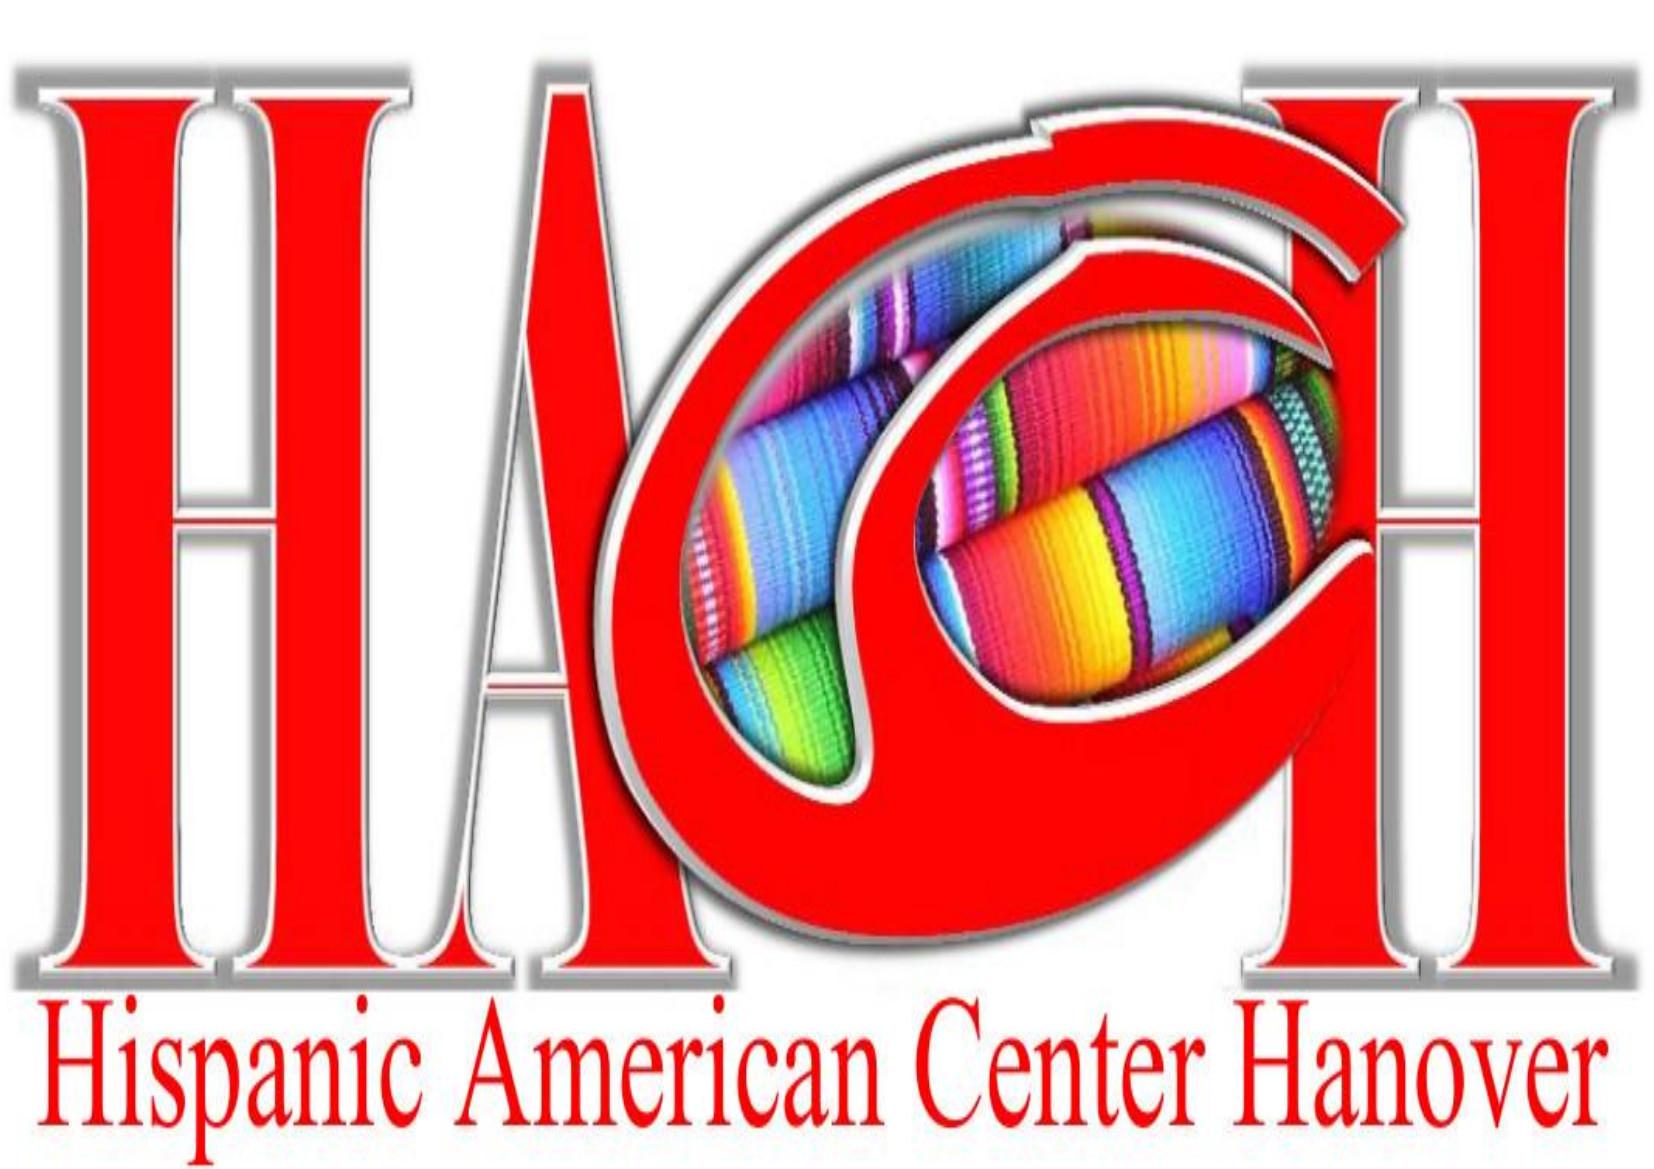 http://hispanicenterhanover.com/